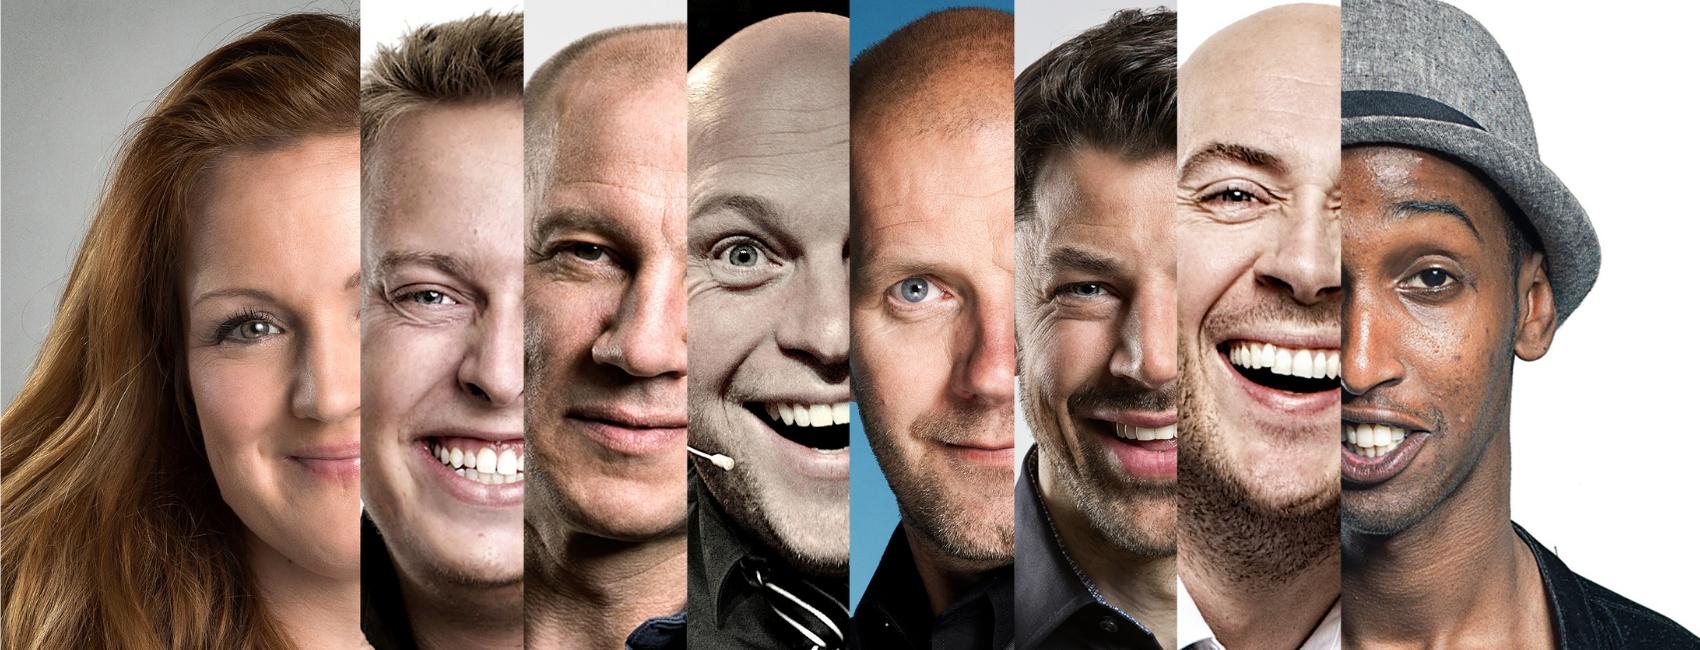 Humorsalongen-Edderkoppen-Scene-humor-show-oslo